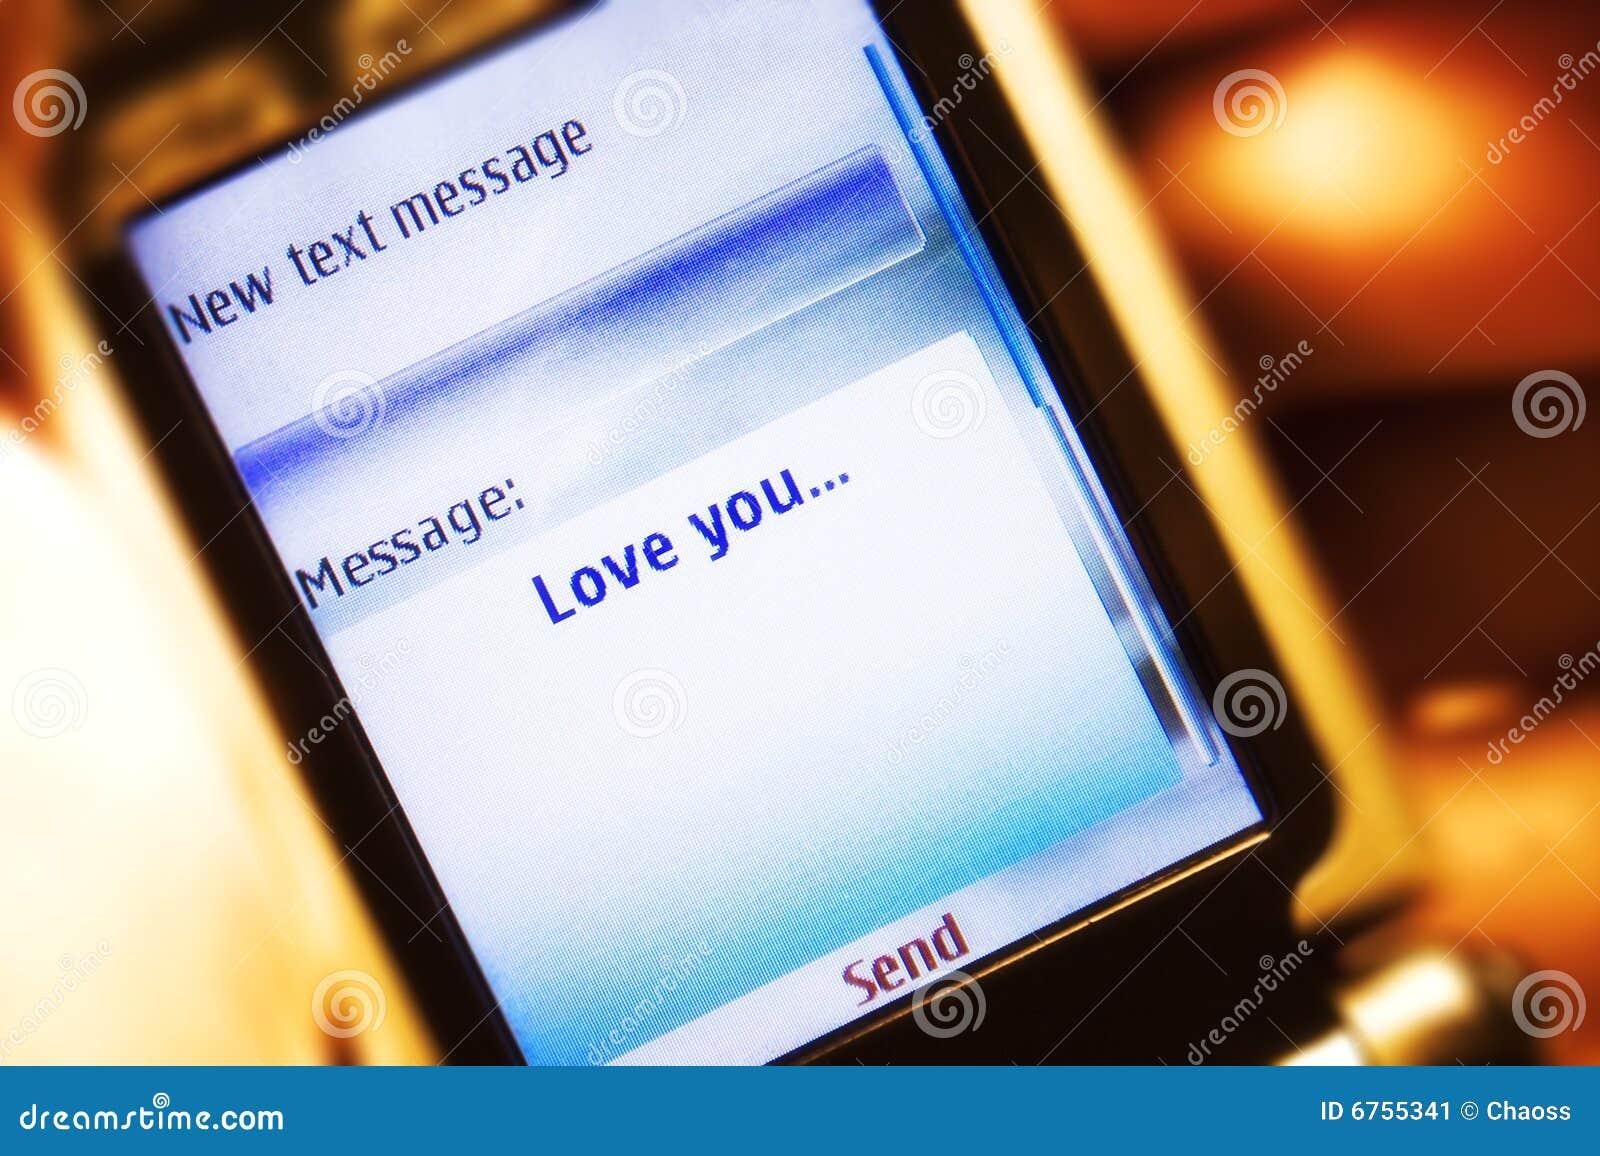 Смс про бурную фантазию, Для неелучших эротических sms-посланий 23 фотография